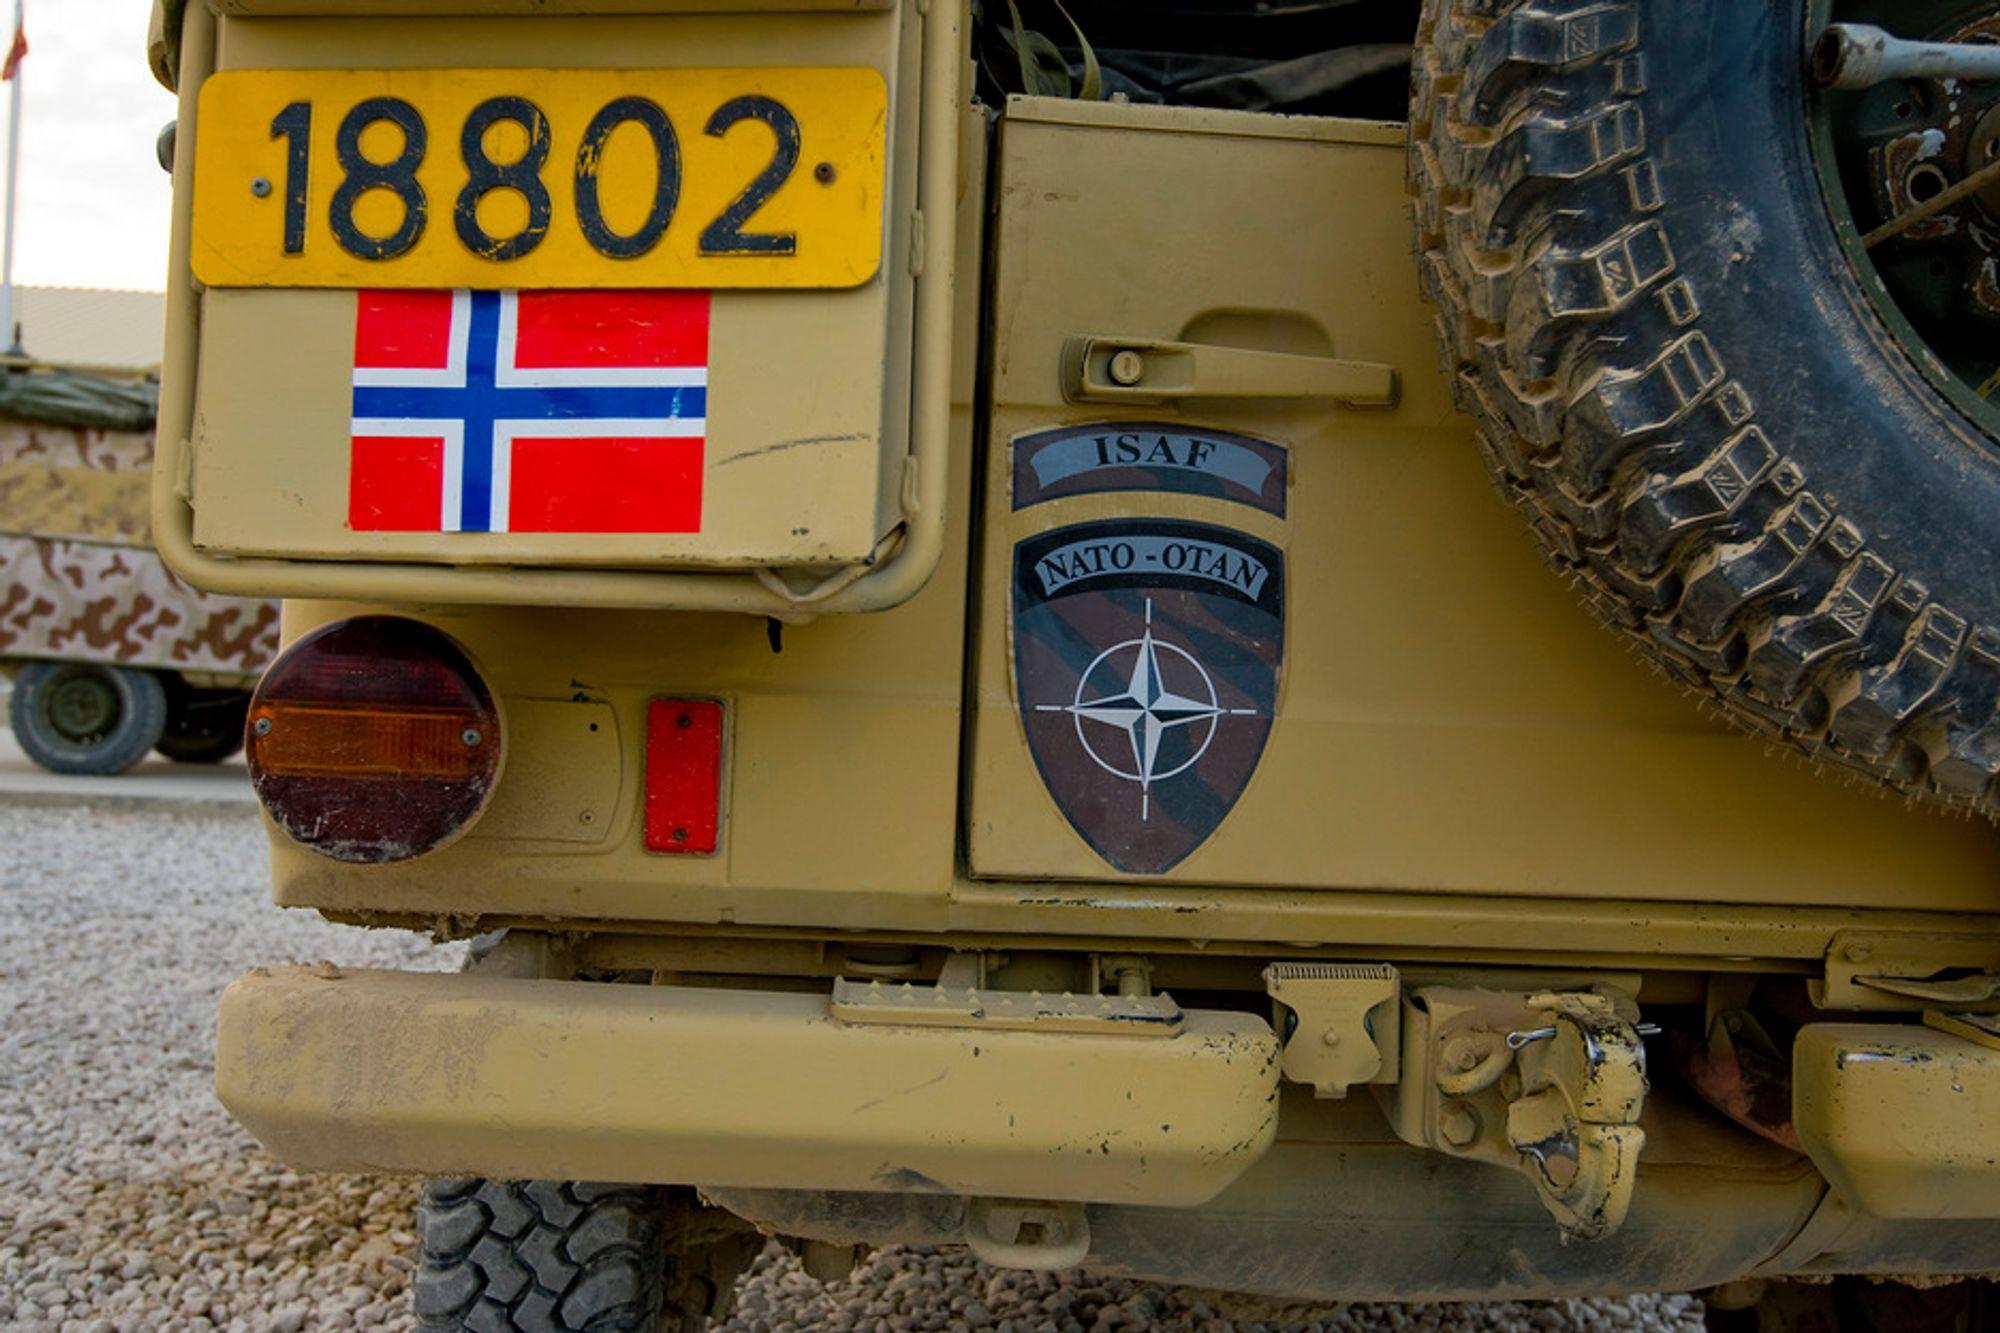 FJERNSTYRING: IT-systemer skal hjelpe JWC på Jåttå til å kunne simulere treningssituasjoner for ISAf-styrken i Afghanistan.